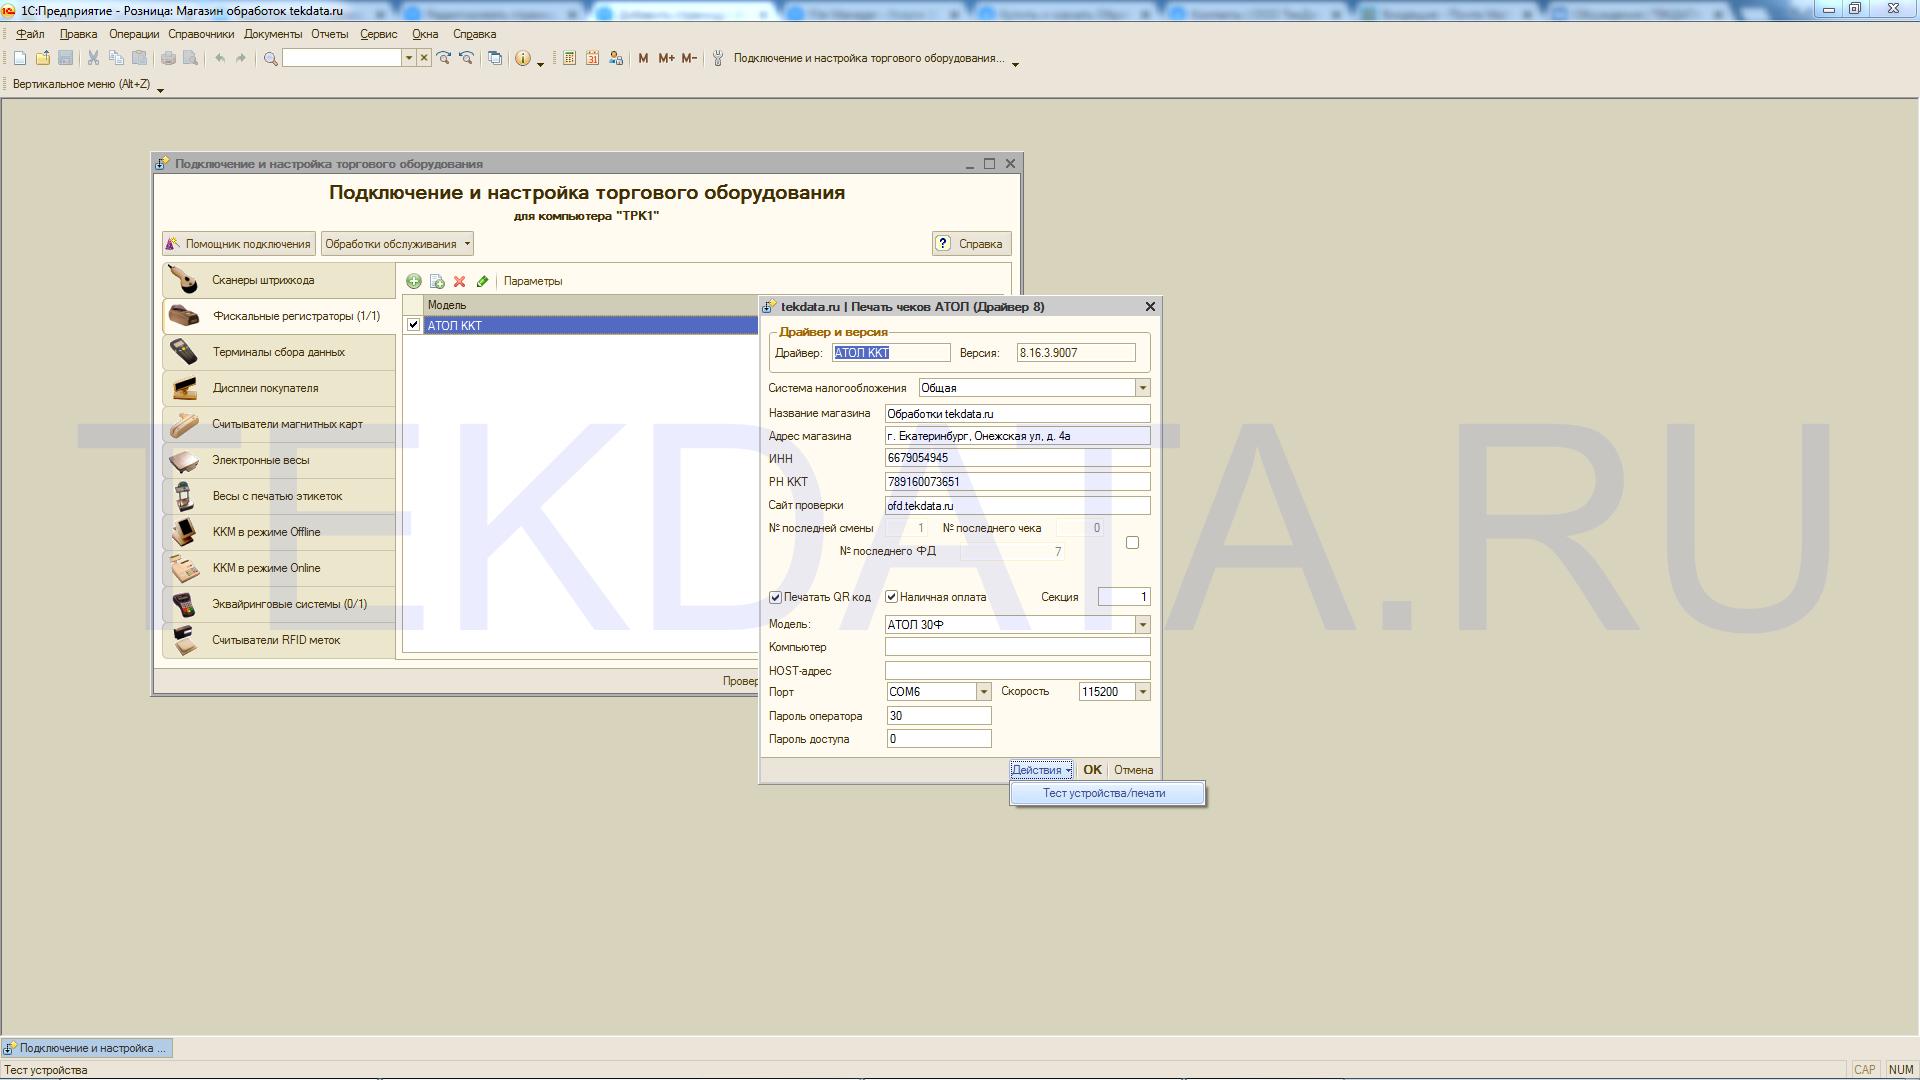 Печать чека ККМ на ККТ АТОЛ (драйвер v.8) без фискализации (Использование ККТ как принтера чеков) для 1С:Розница 1.0